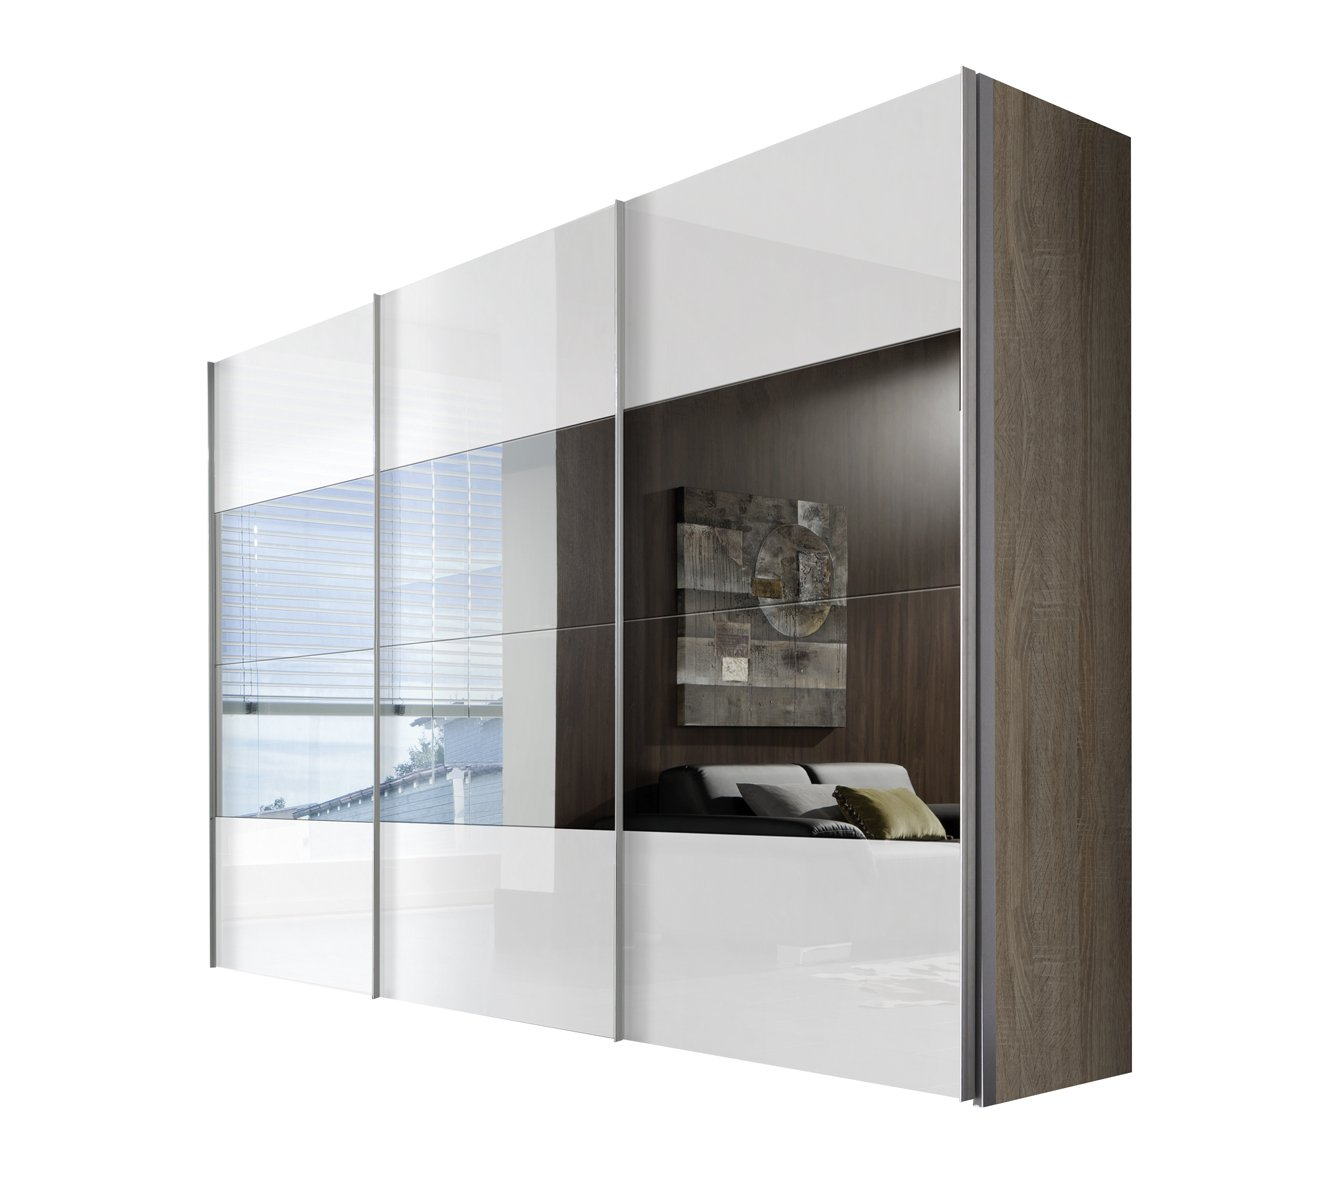 Solutions 49670-768 Schwebetürenschrank 3-türig, Korpus Sonoma-eiche, Front lack weiß, Spiegel, Griffleisten alufarben, 68 x 300 x 216 cm